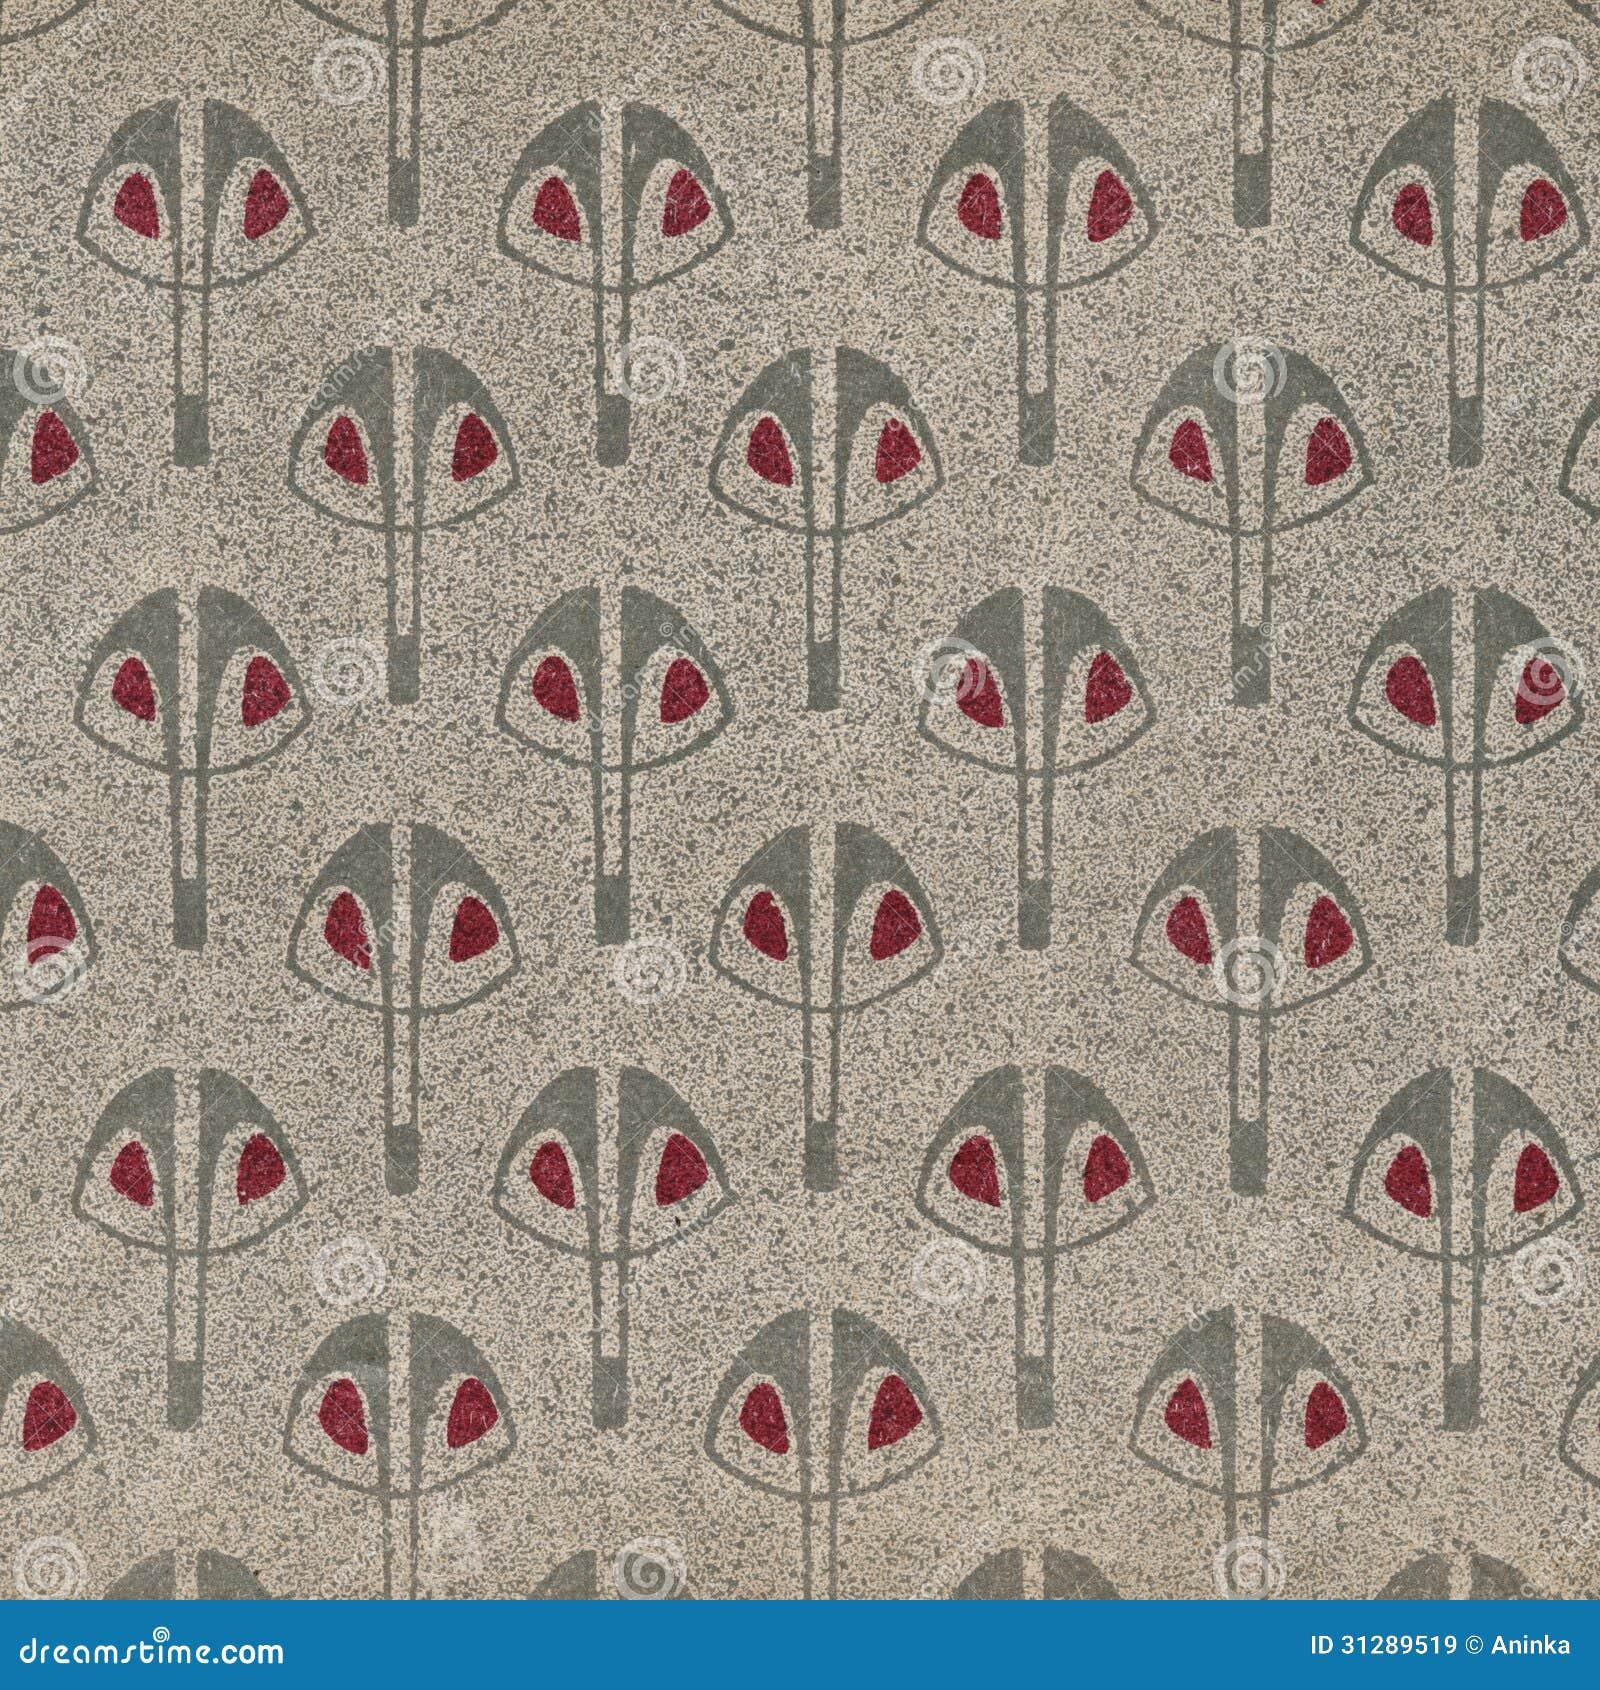 vintage wallpaper grey royalty free stock images image. Black Bedroom Furniture Sets. Home Design Ideas